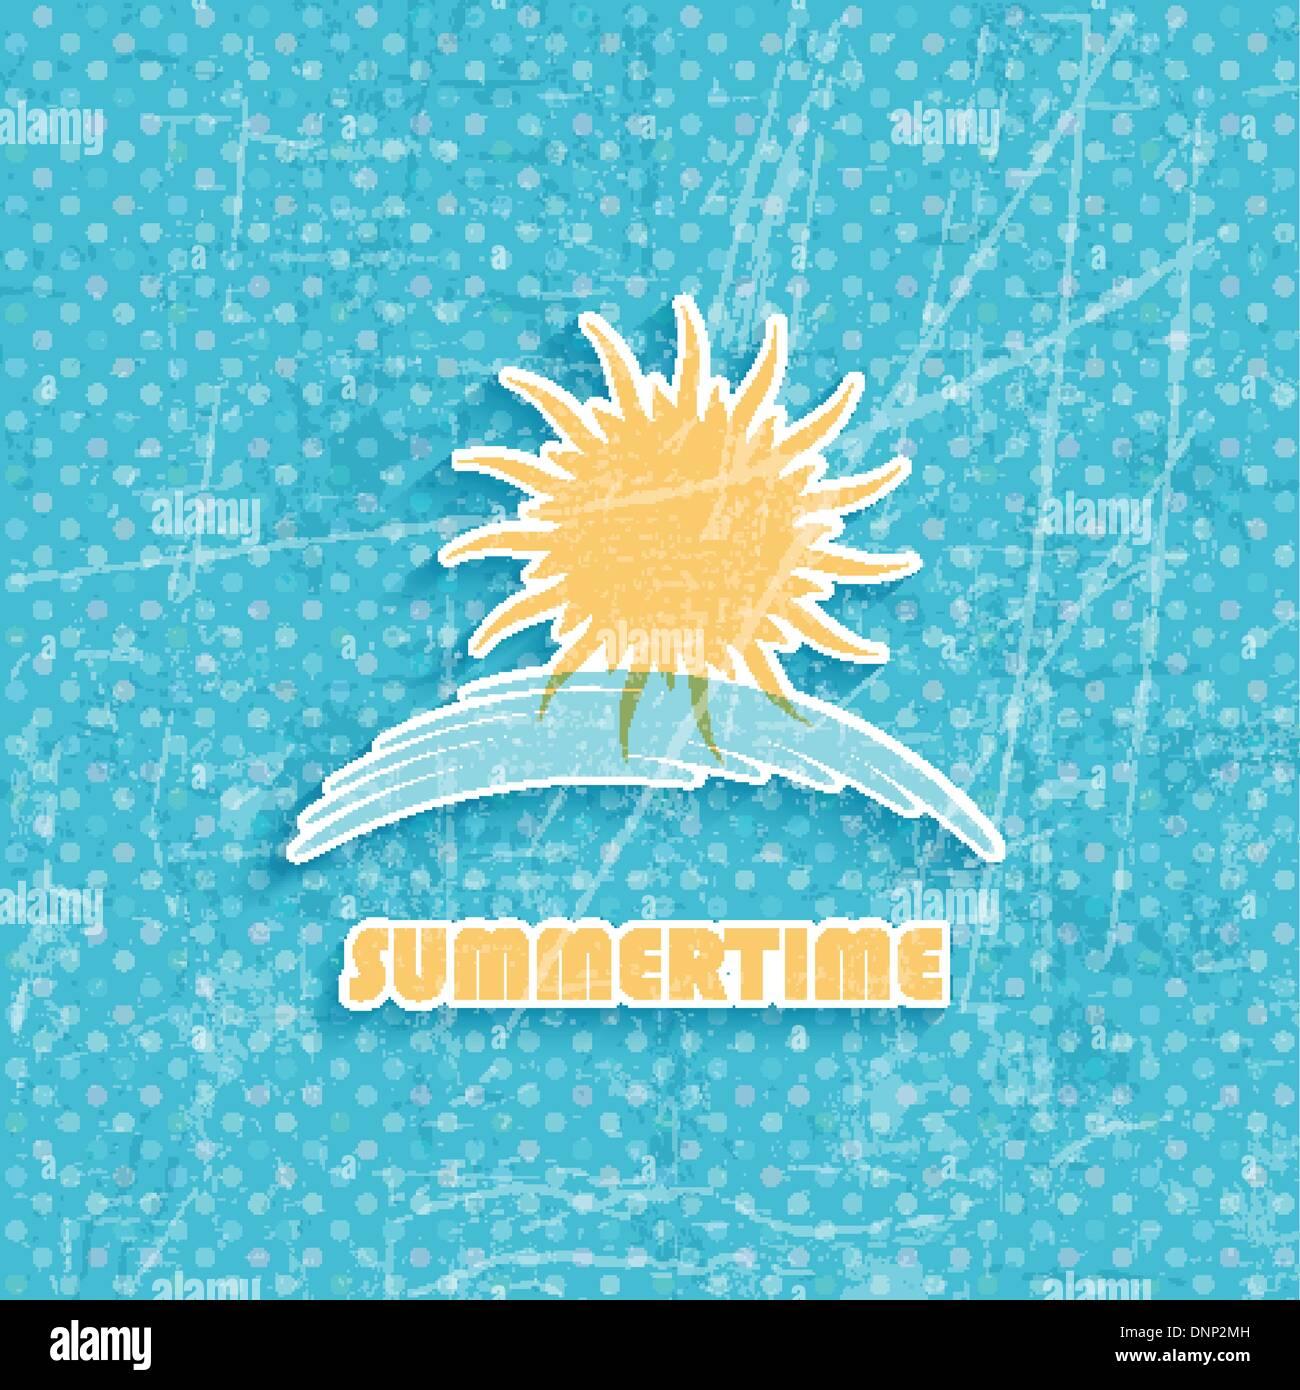 Grunge style fond d'été avec l'icône de soleil Photo Stock